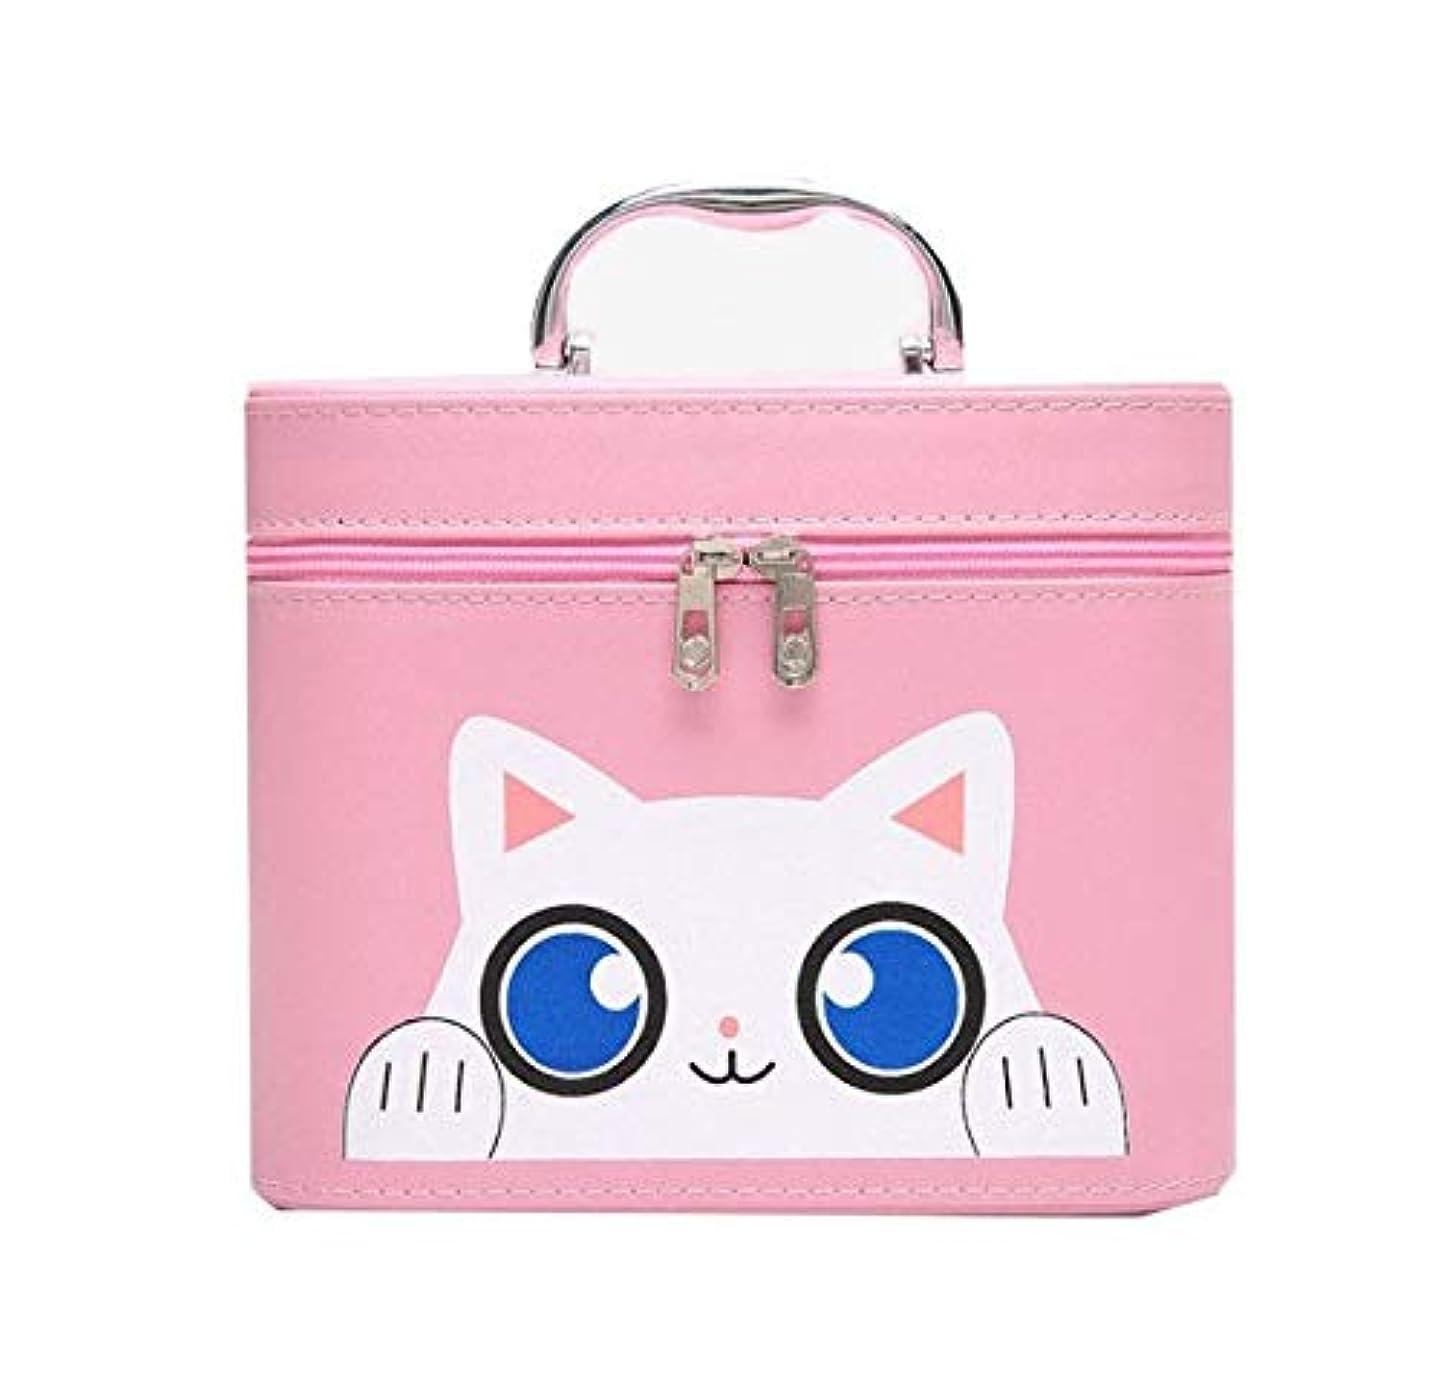 反射蚊プレゼント化粧箱、大容量漫画猫化粧品ケース、ポータブル旅行化粧品ケース、美容ネイルジュエリー収納ボックス (Size : S)